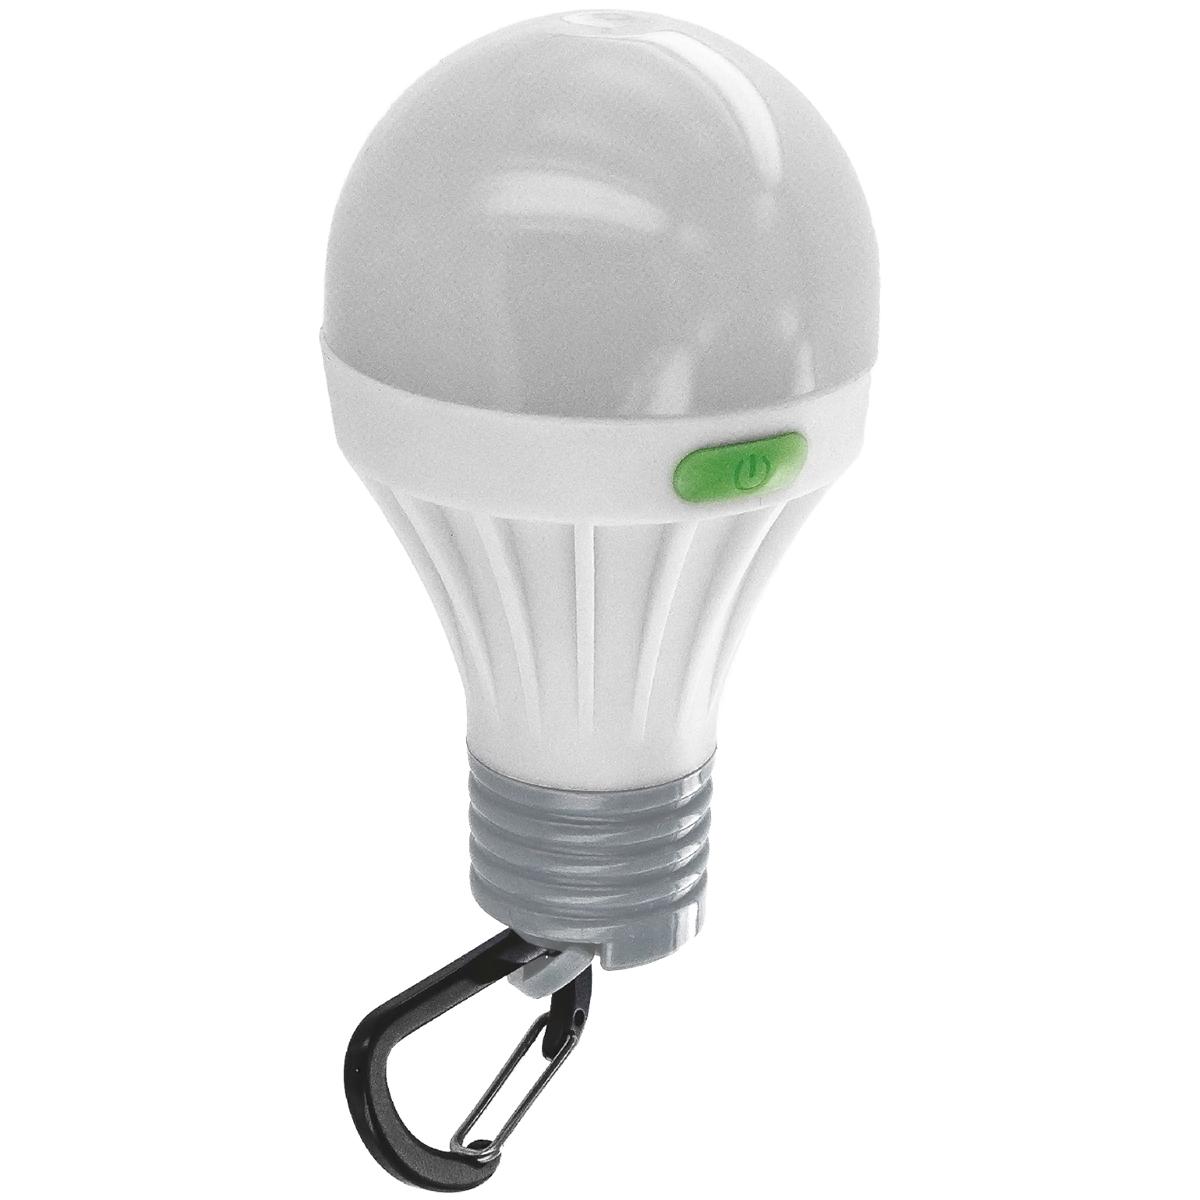 Highlander 1w Led Bulb Light White Lanterns Military 1st